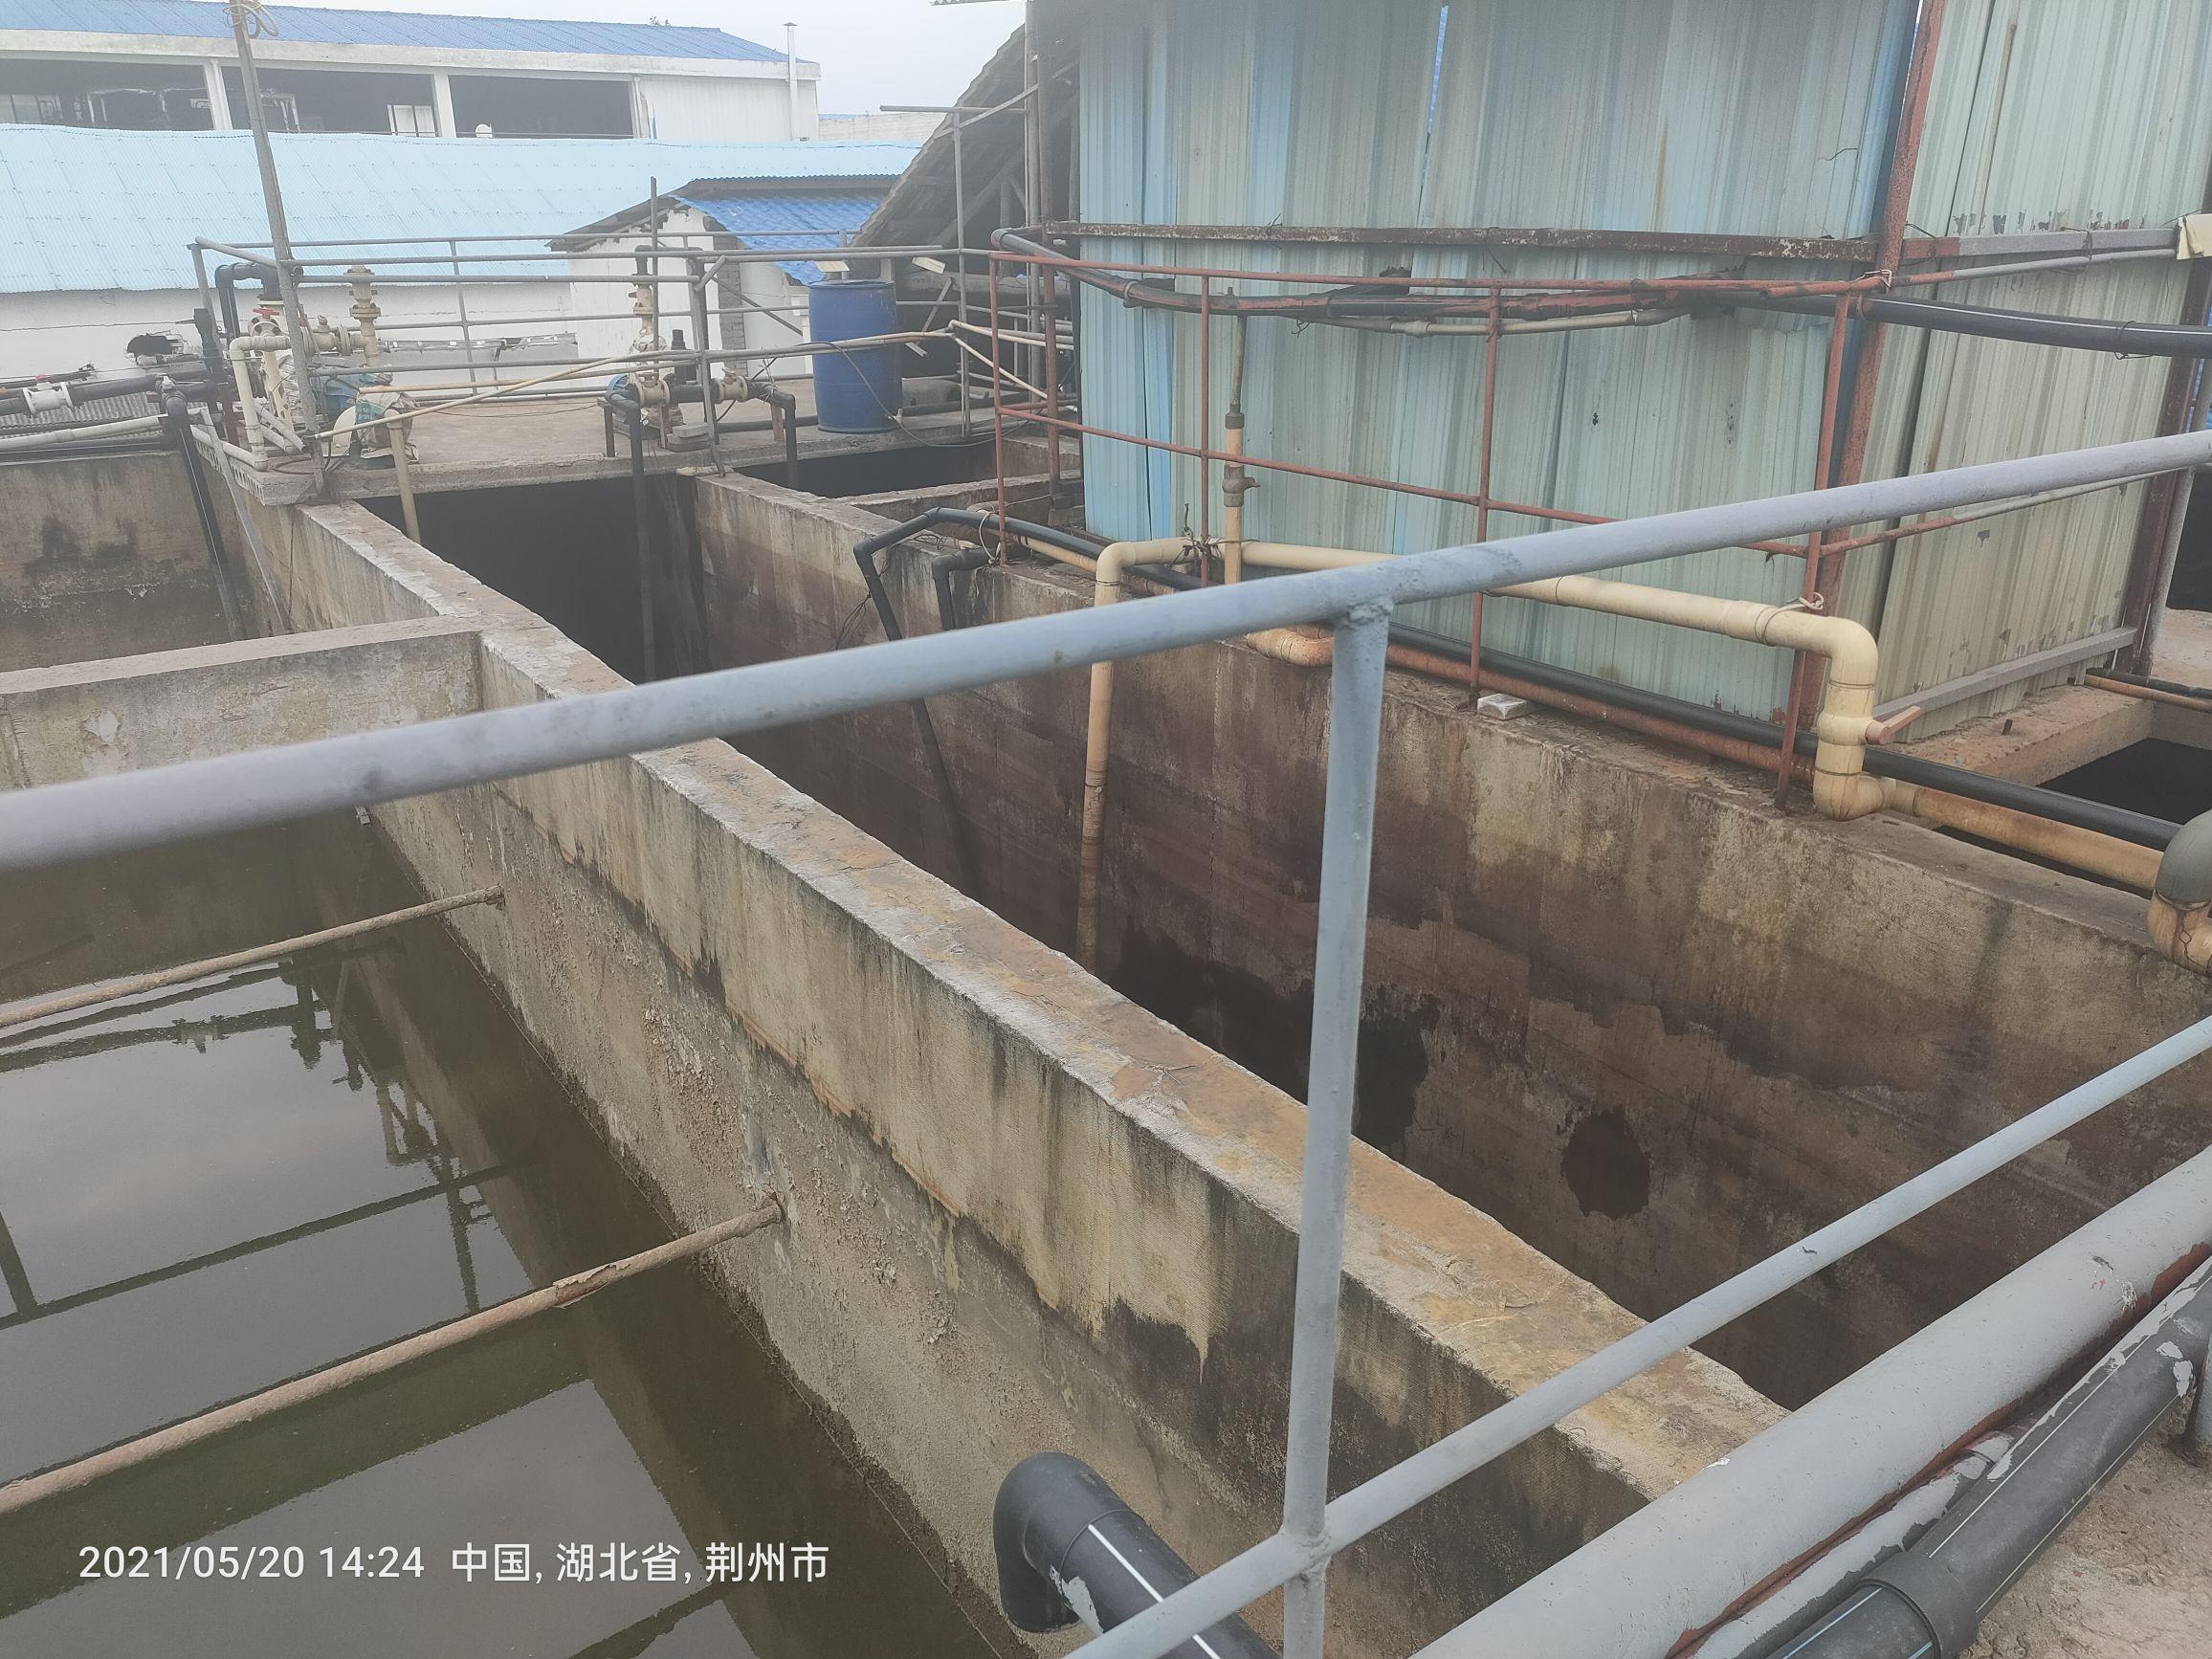 染料废水处理不经三效蒸发